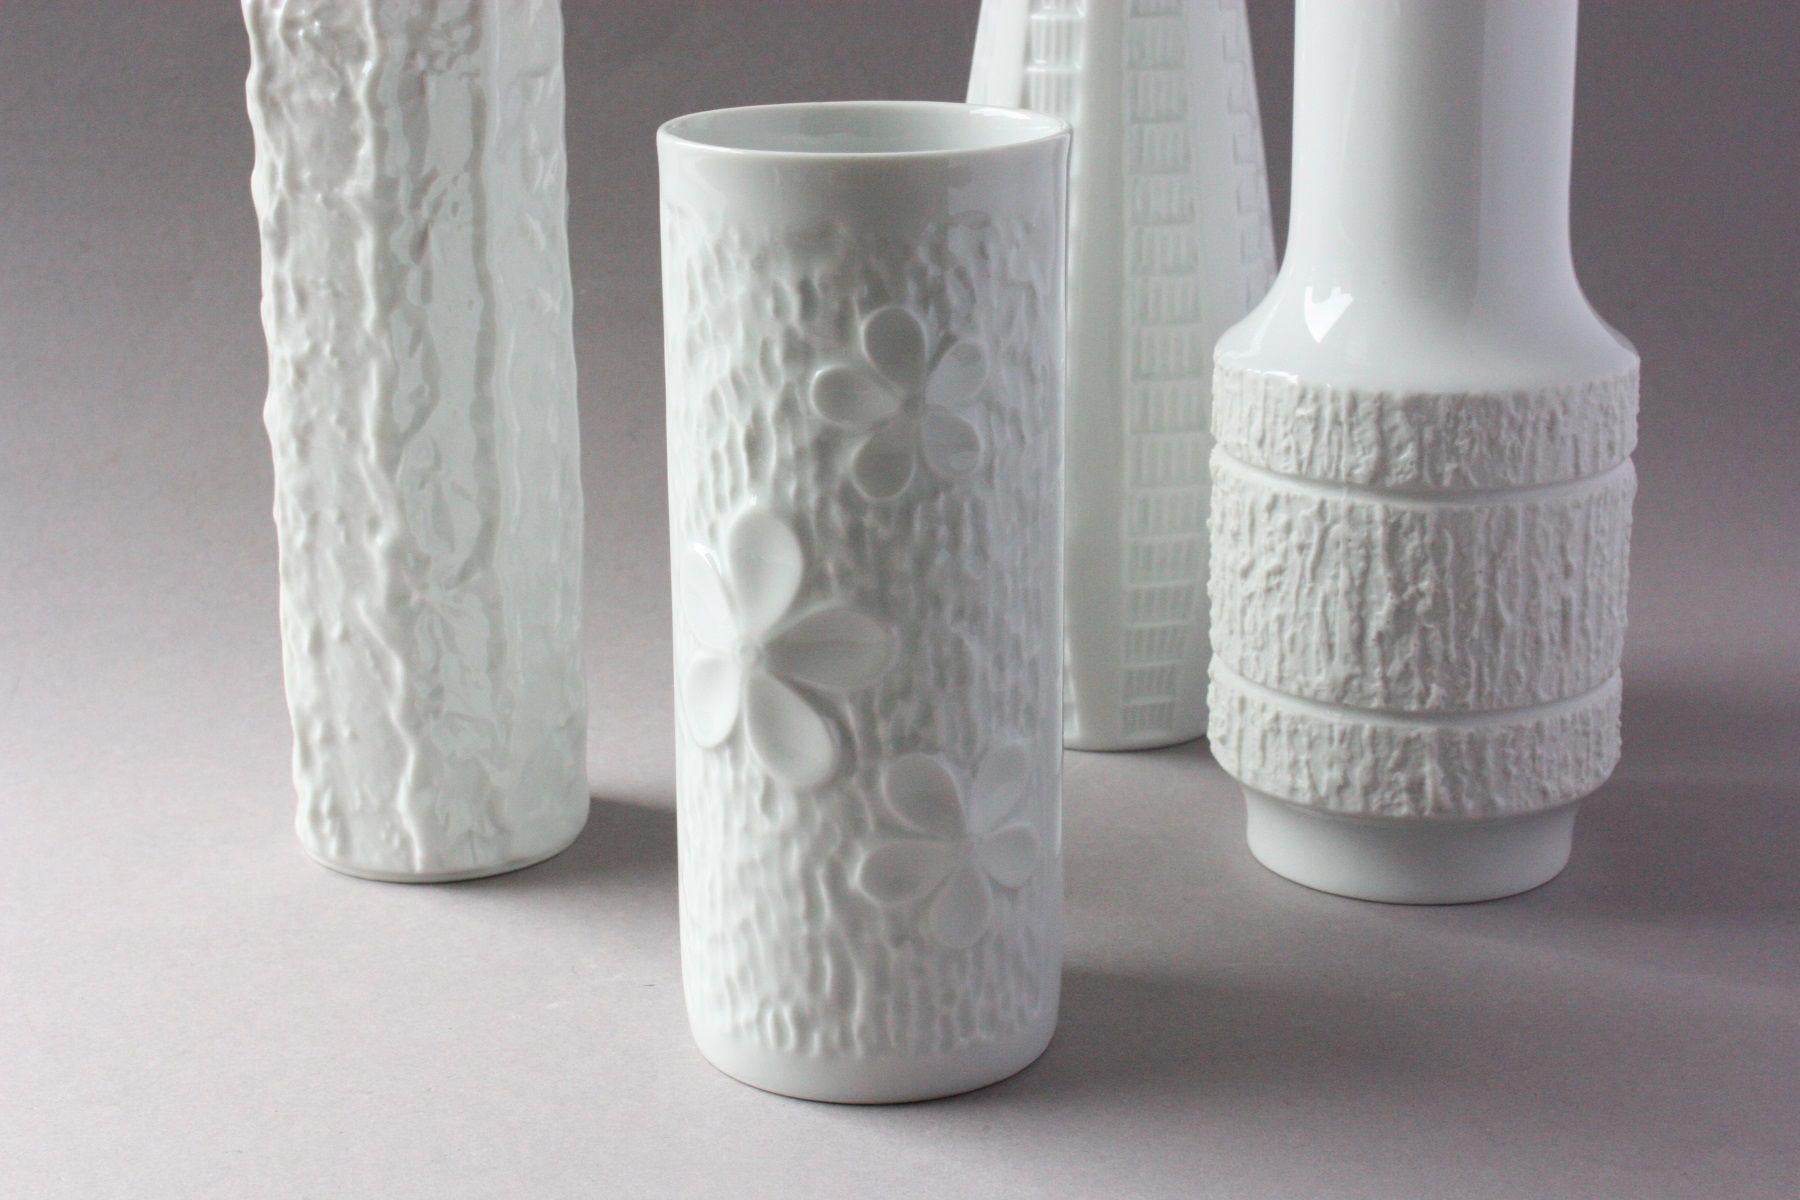 Mitterteich Vase Porzellan Weiss White Vintage Porcelain Vase